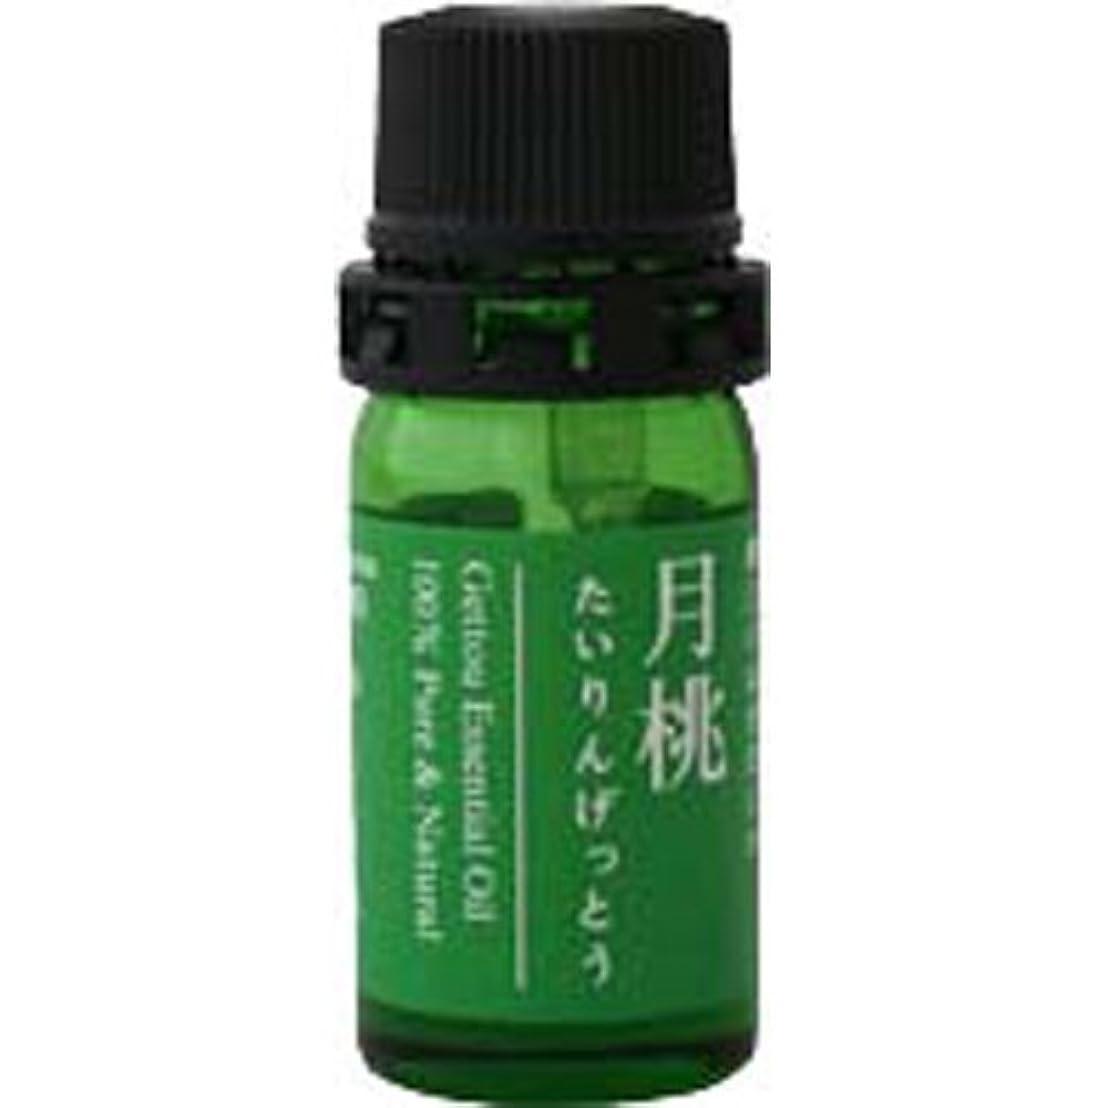 召集する四回厳しい月桃 エッセンシャルオイル (タイリン) 2.5ml